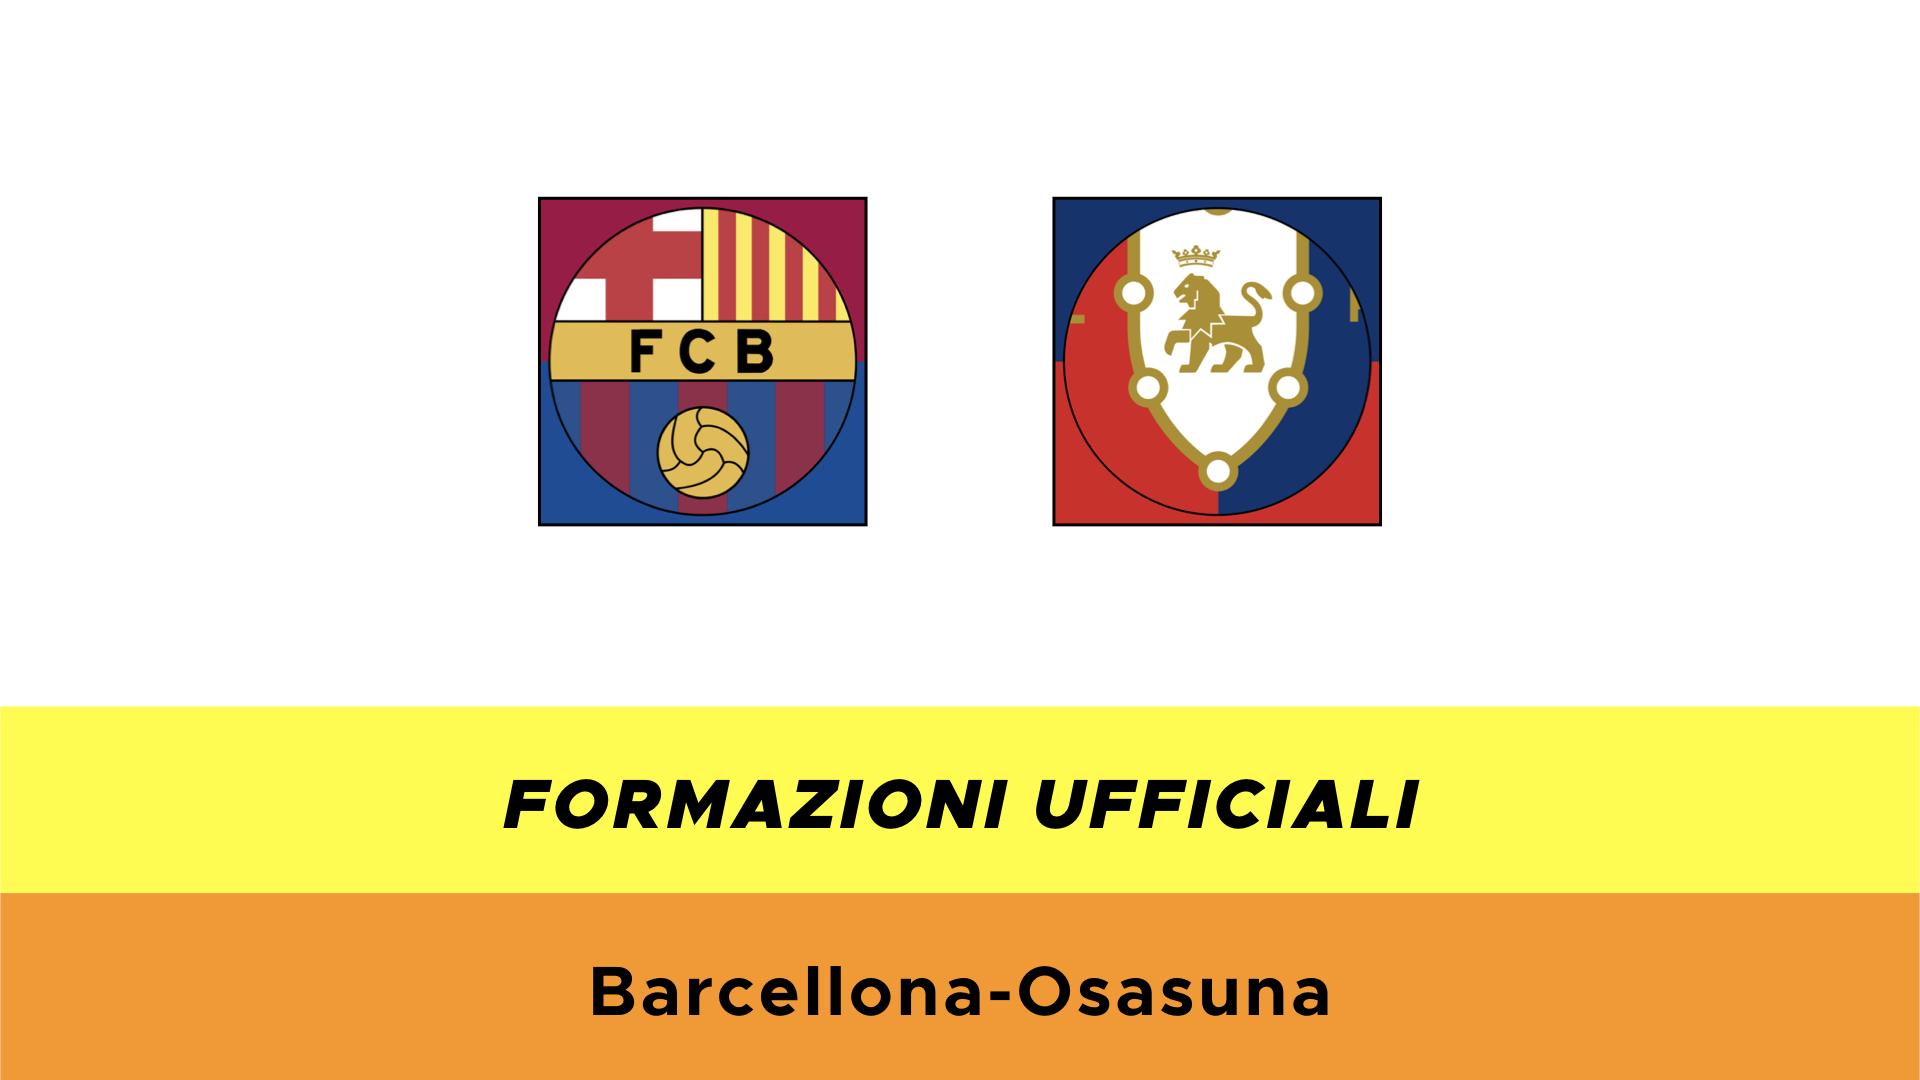 Barcellona-Osasuna: formazioni ufficiali, quote e dove vederla in TV